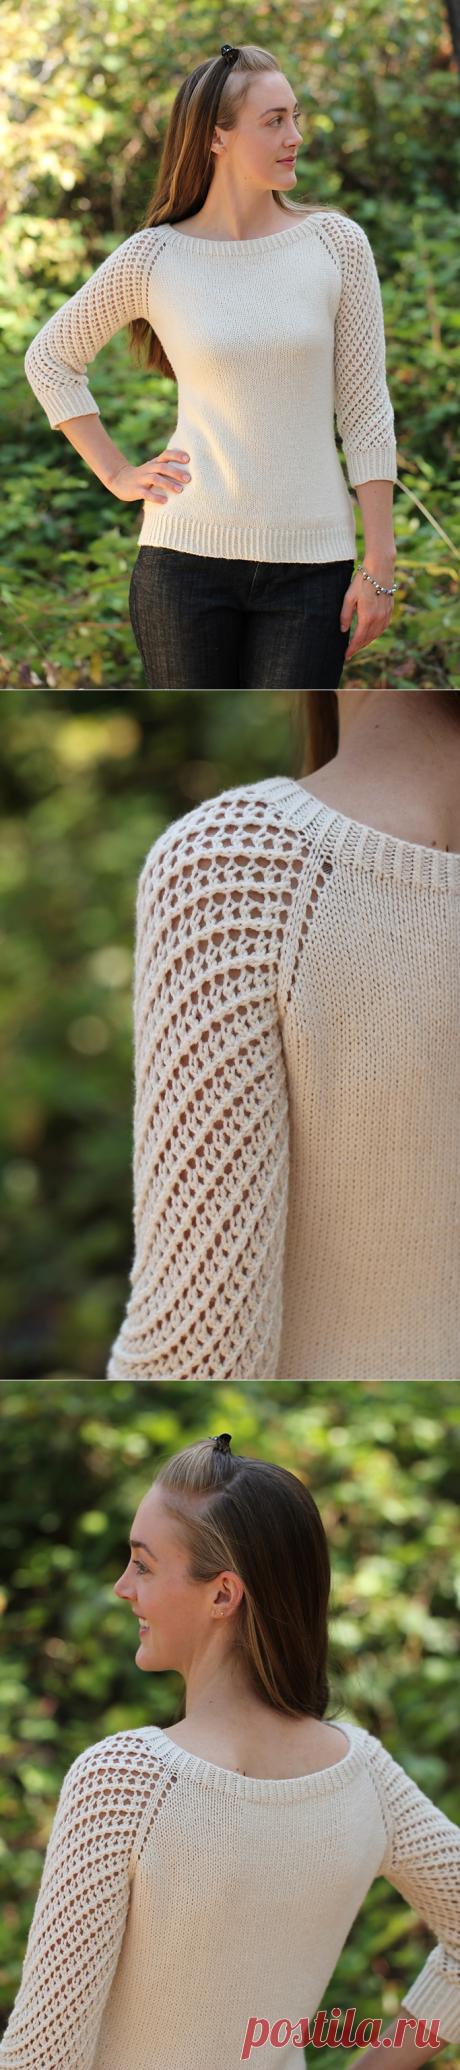 Вязаный пуловер Deodara с рукавом реглан в ажурную сетку от дизайнера Maria Olson.